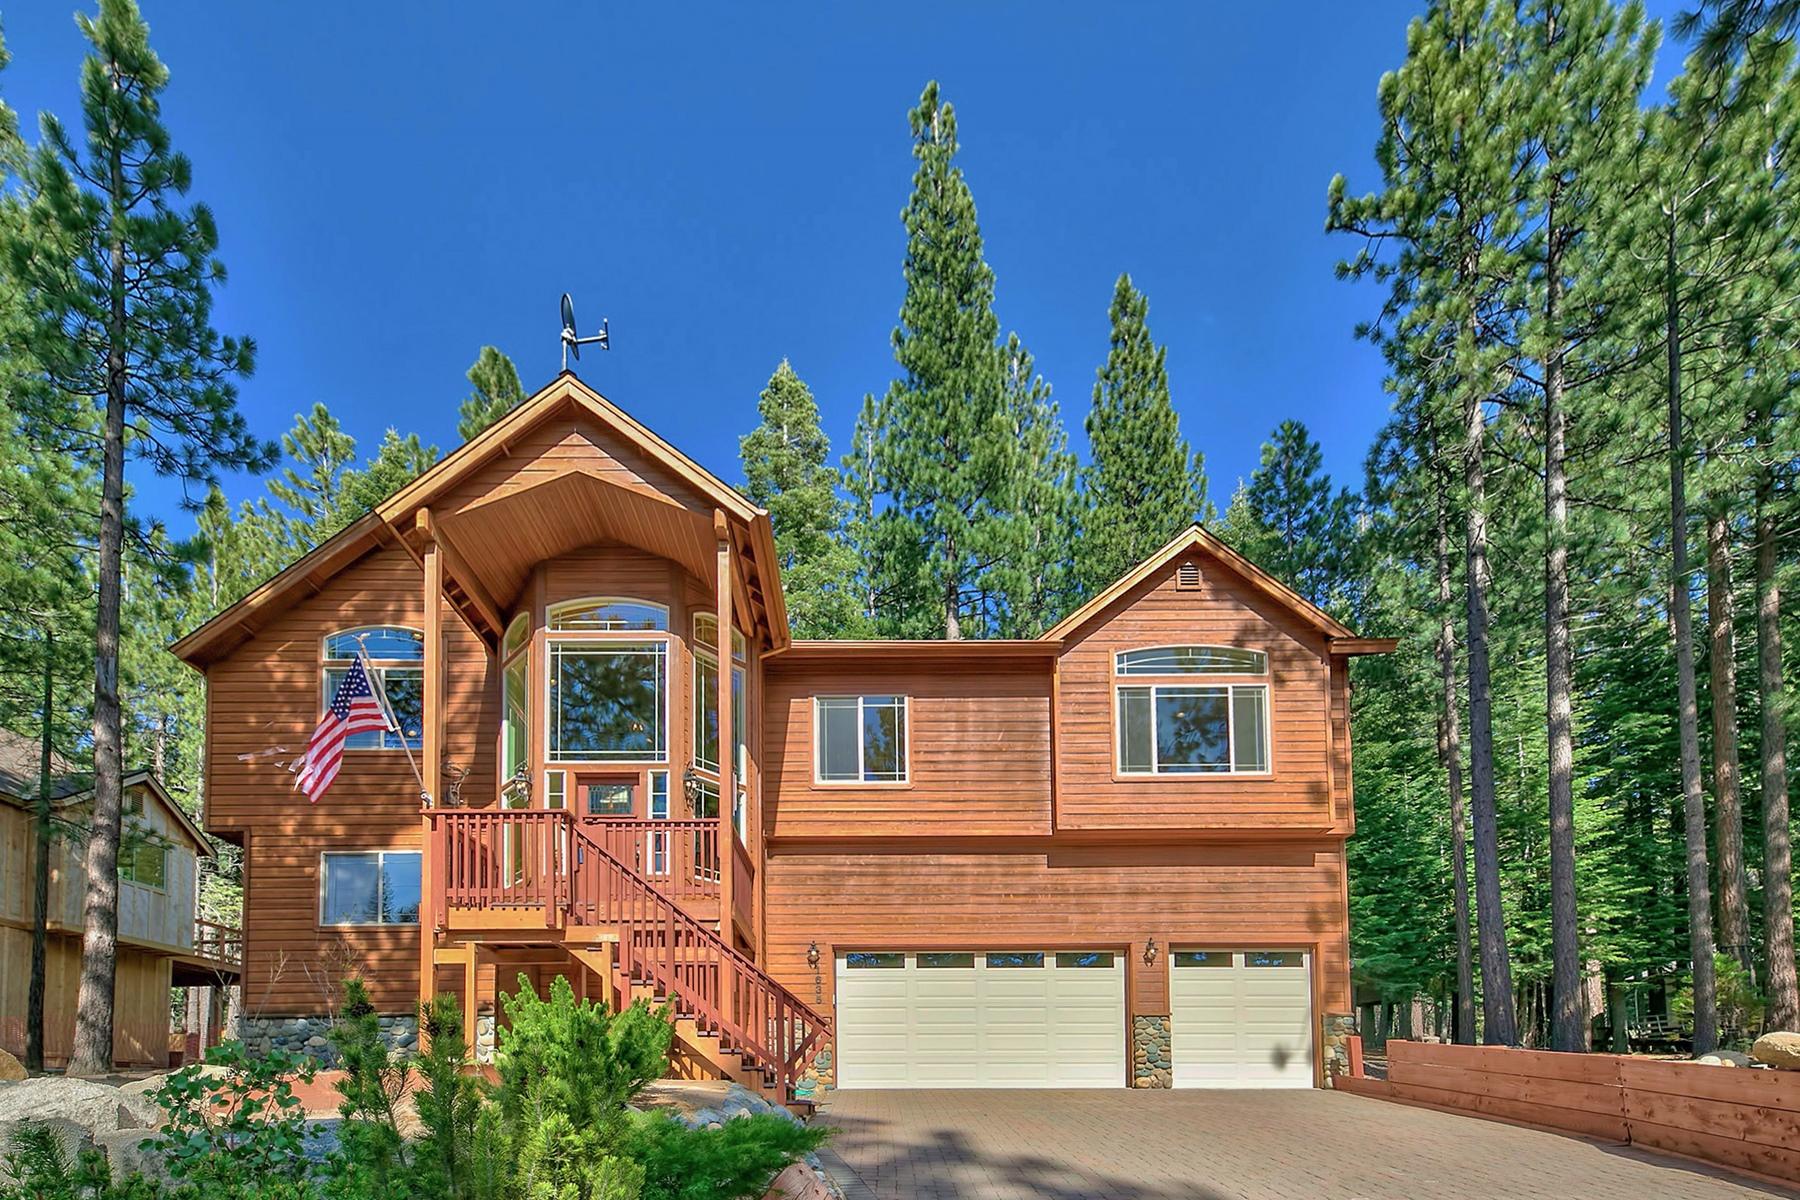 Casa Unifamiliar por un Venta en 1635 Cherry Hills Circle, South Lake Tahoe, CA South Lake Tahoe, California 96150 Estados Unidos